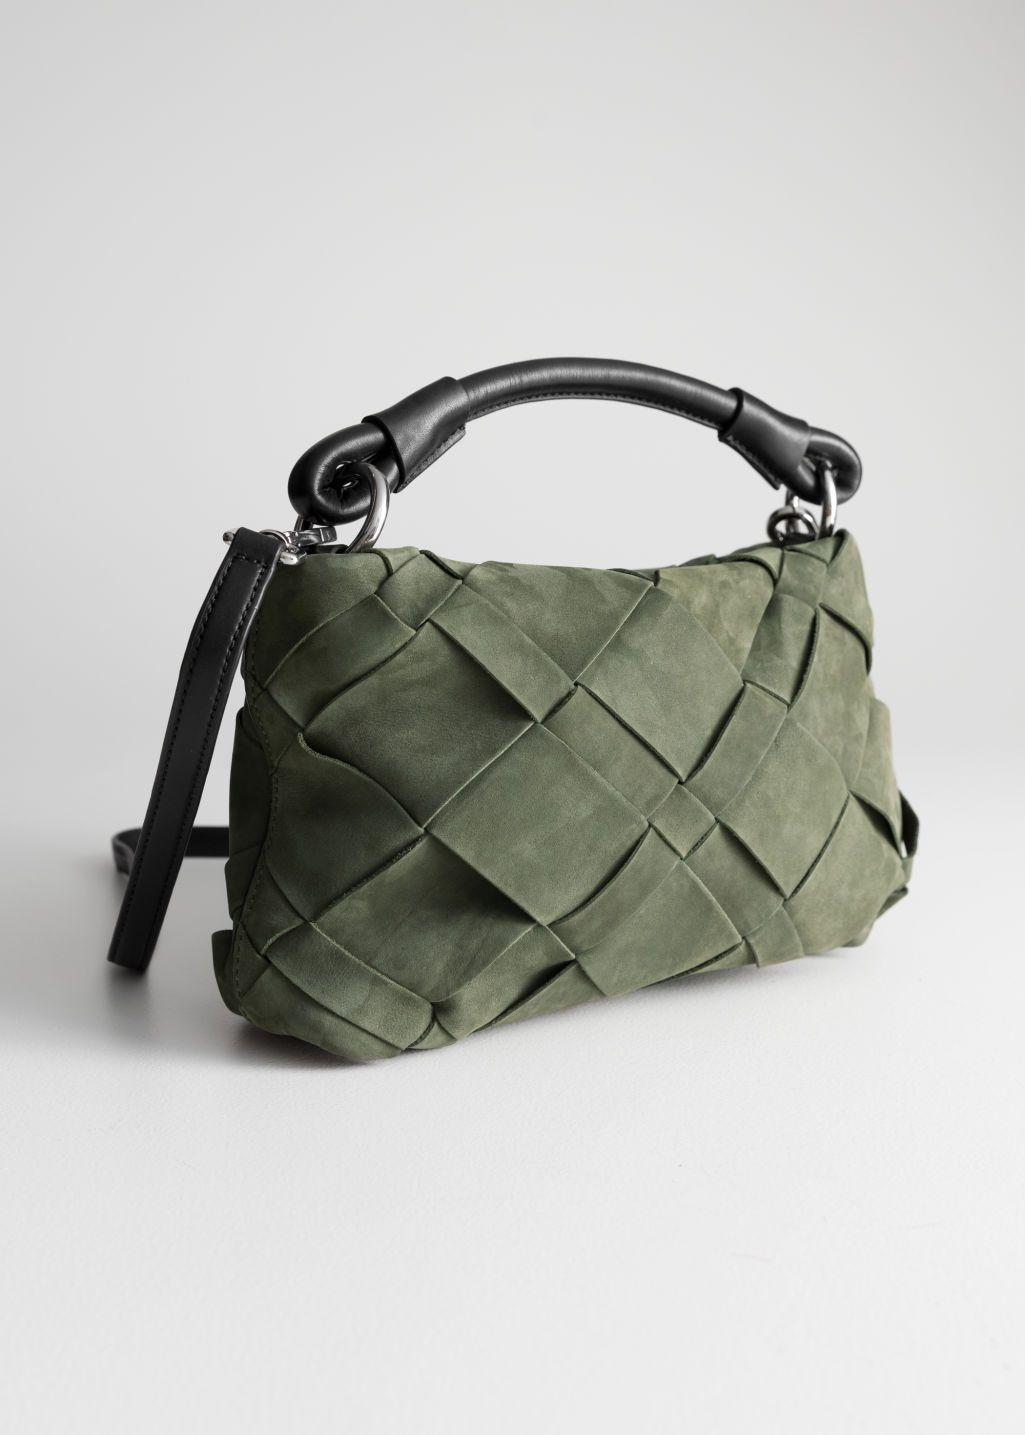 Grain Leather Hobo Bag Burgundy Shoulderbags Other Stories Leather Hobo Bag Crossbody Bag Bags